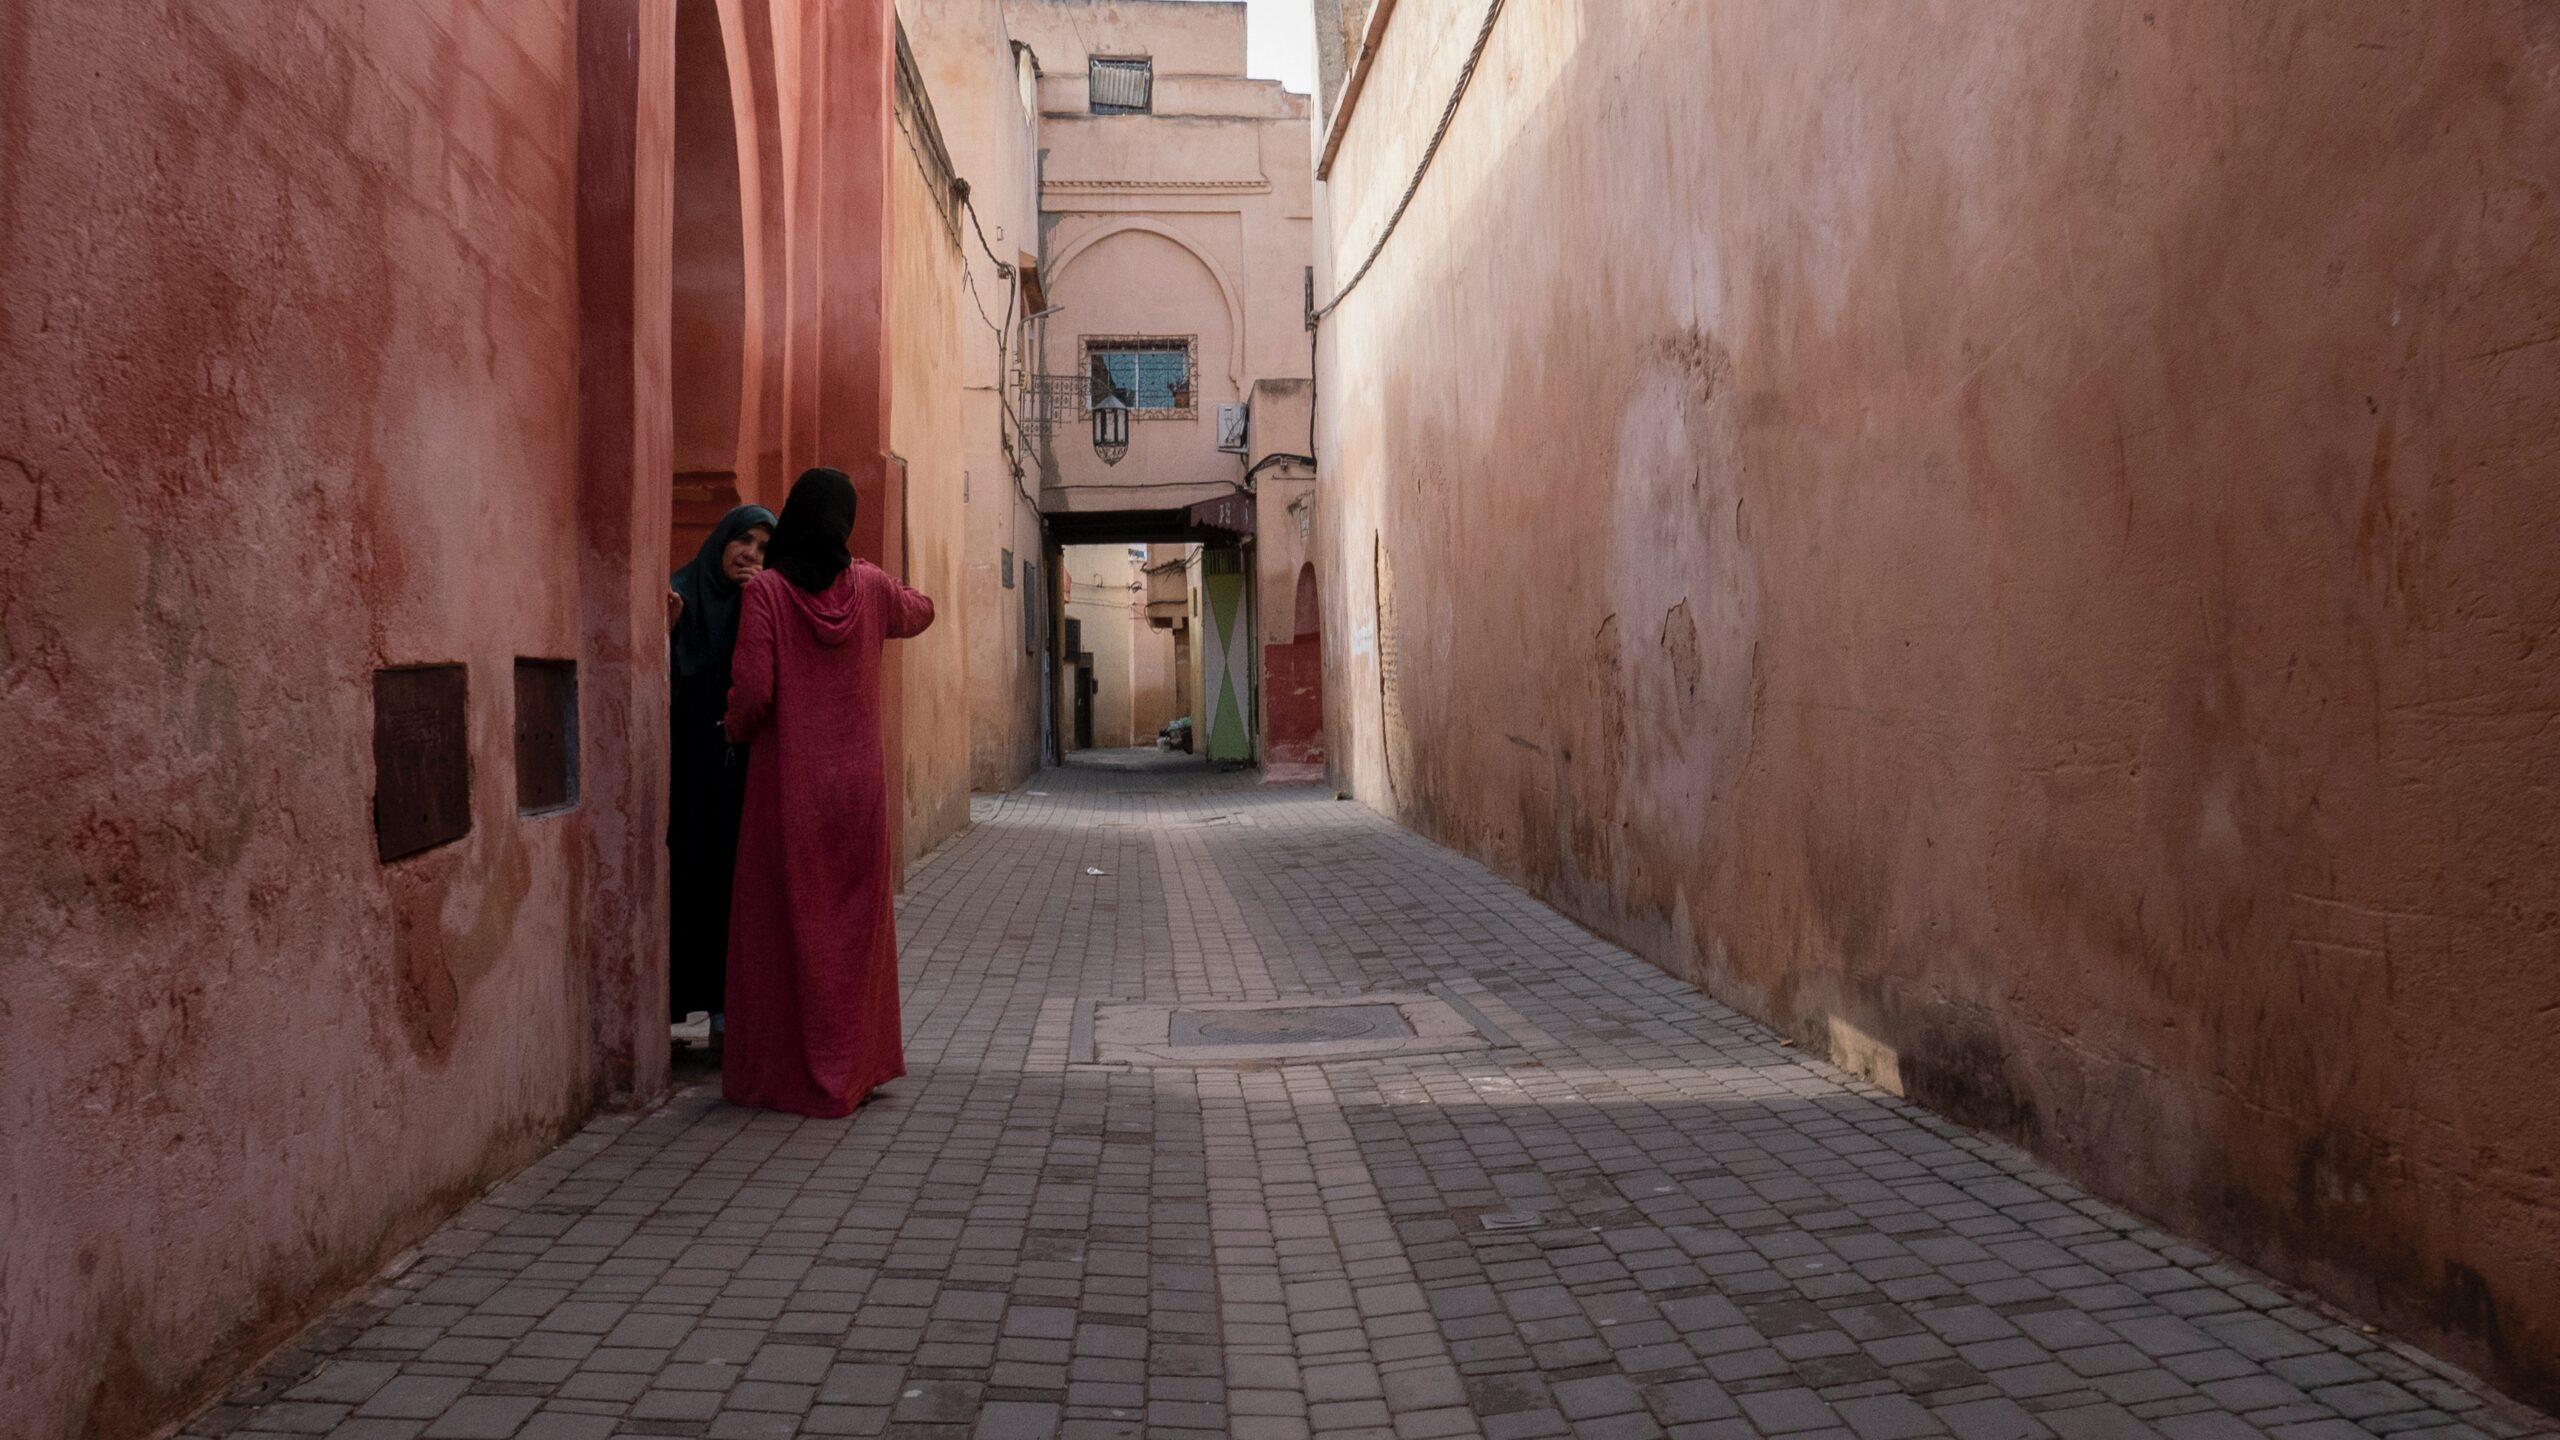 Imagen de fondo de Adoratrices Tanger